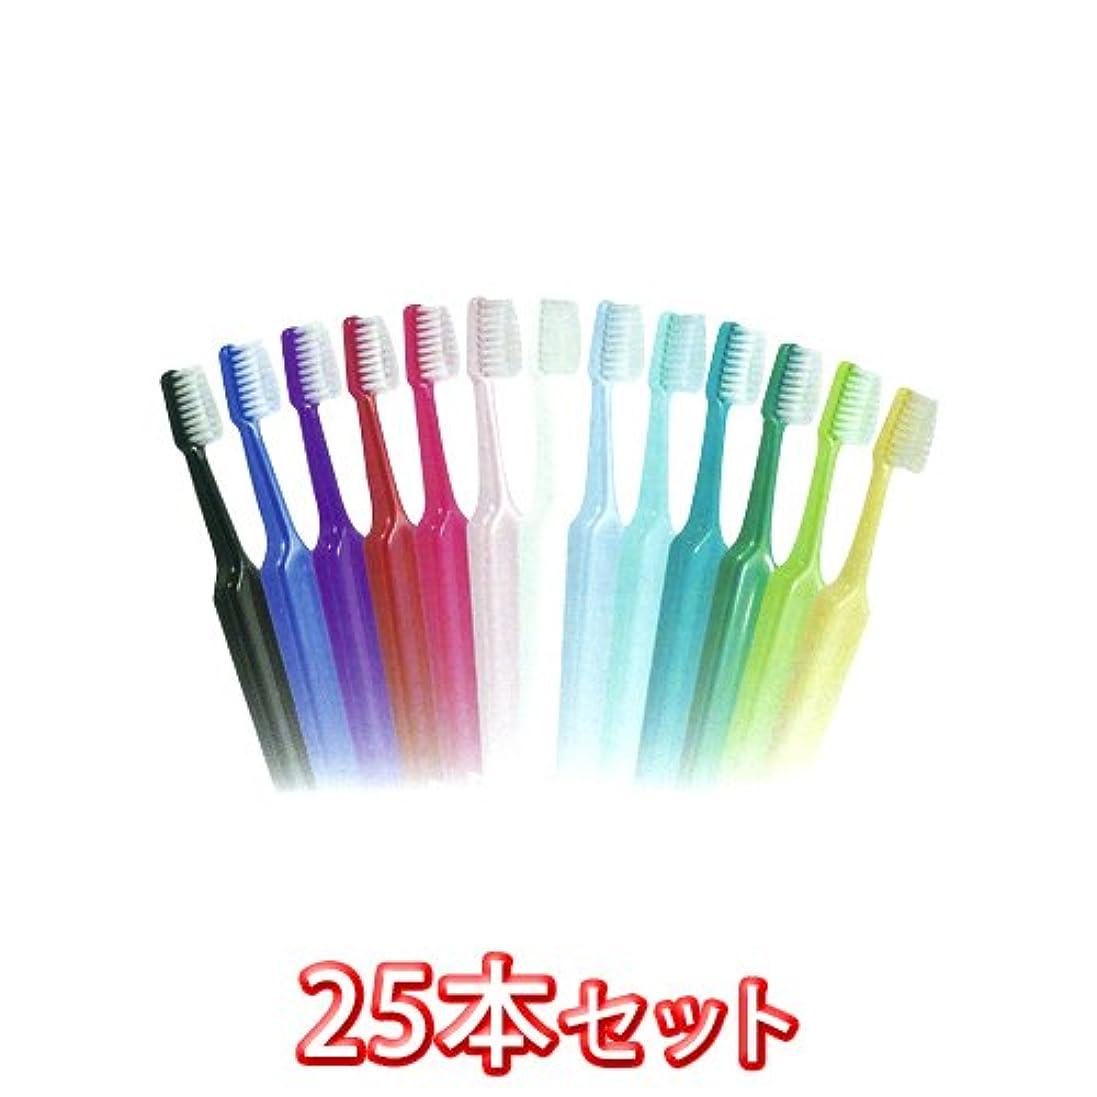 合意避けるとは異なりTePe テペ セレクトエクストラソフト 歯ブラシ 25本入